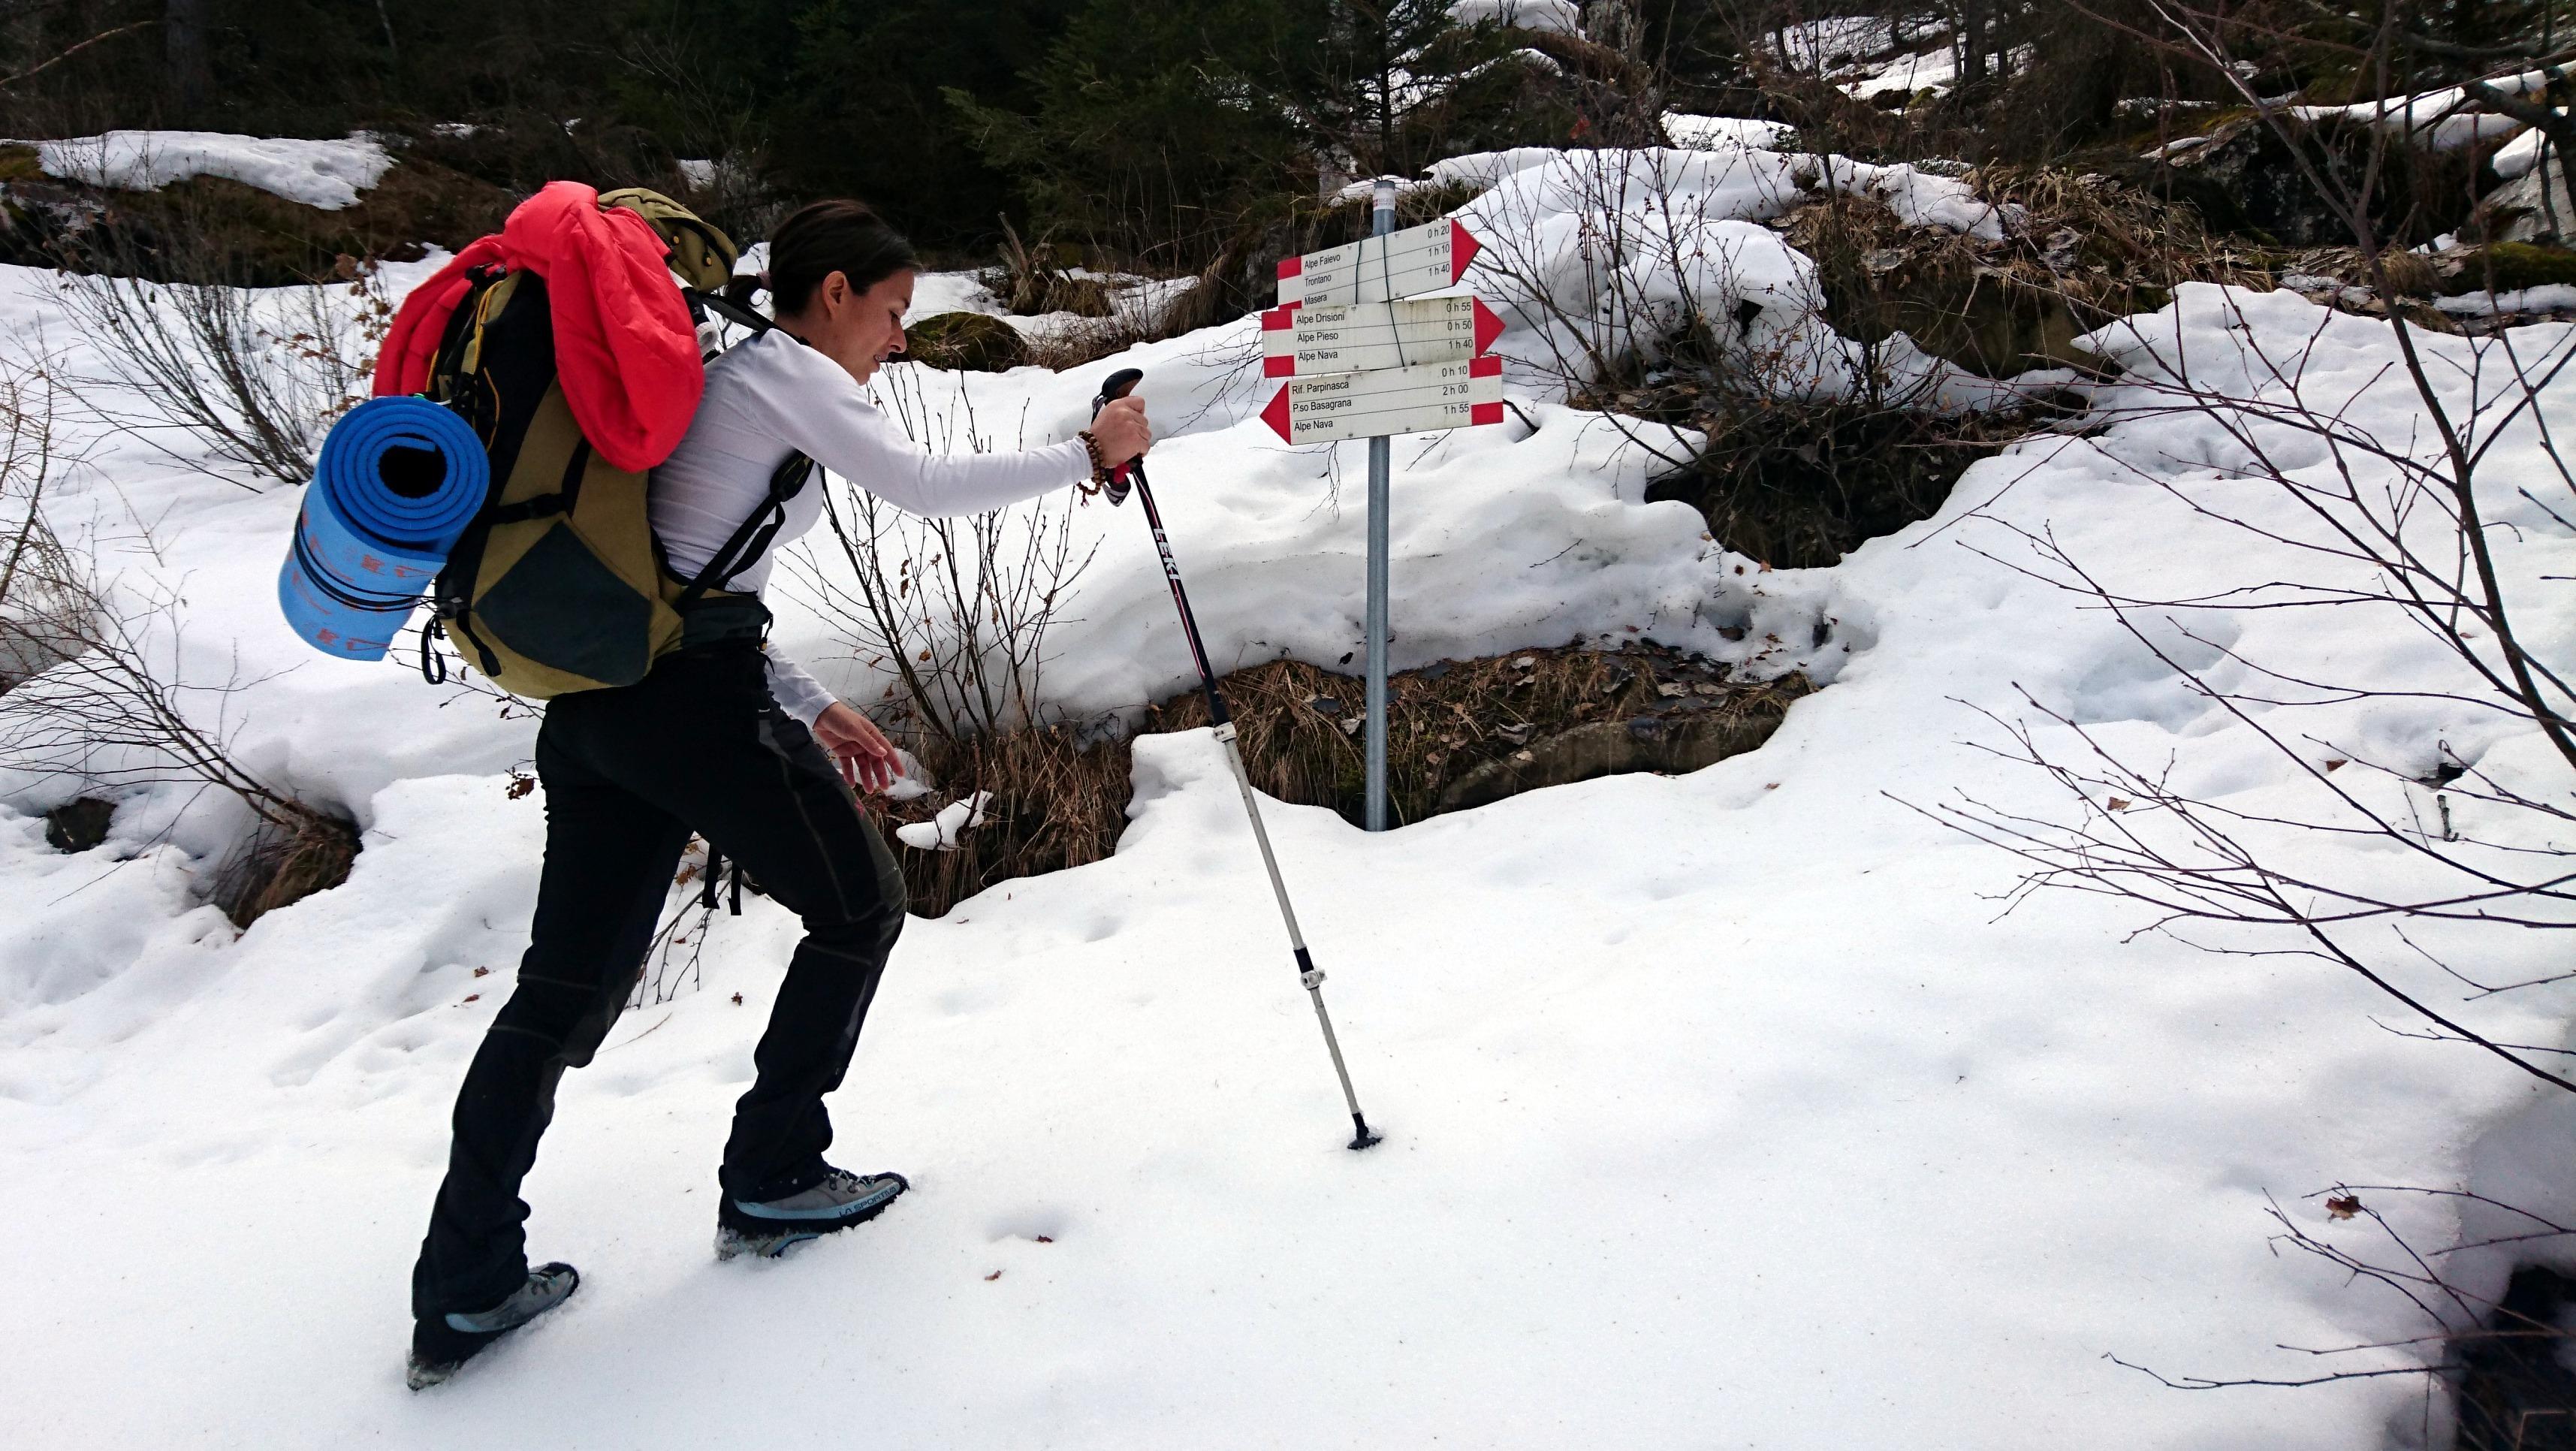 eccoci al nostro bivio: avendo scelto di affrontare l'ingresso passando per la porta di Regozzale ci dirigiamo verso l'Alpe Drisoni e Nava. Davanti a noi intravediamo una traccia semicoperta da accumuli di neve